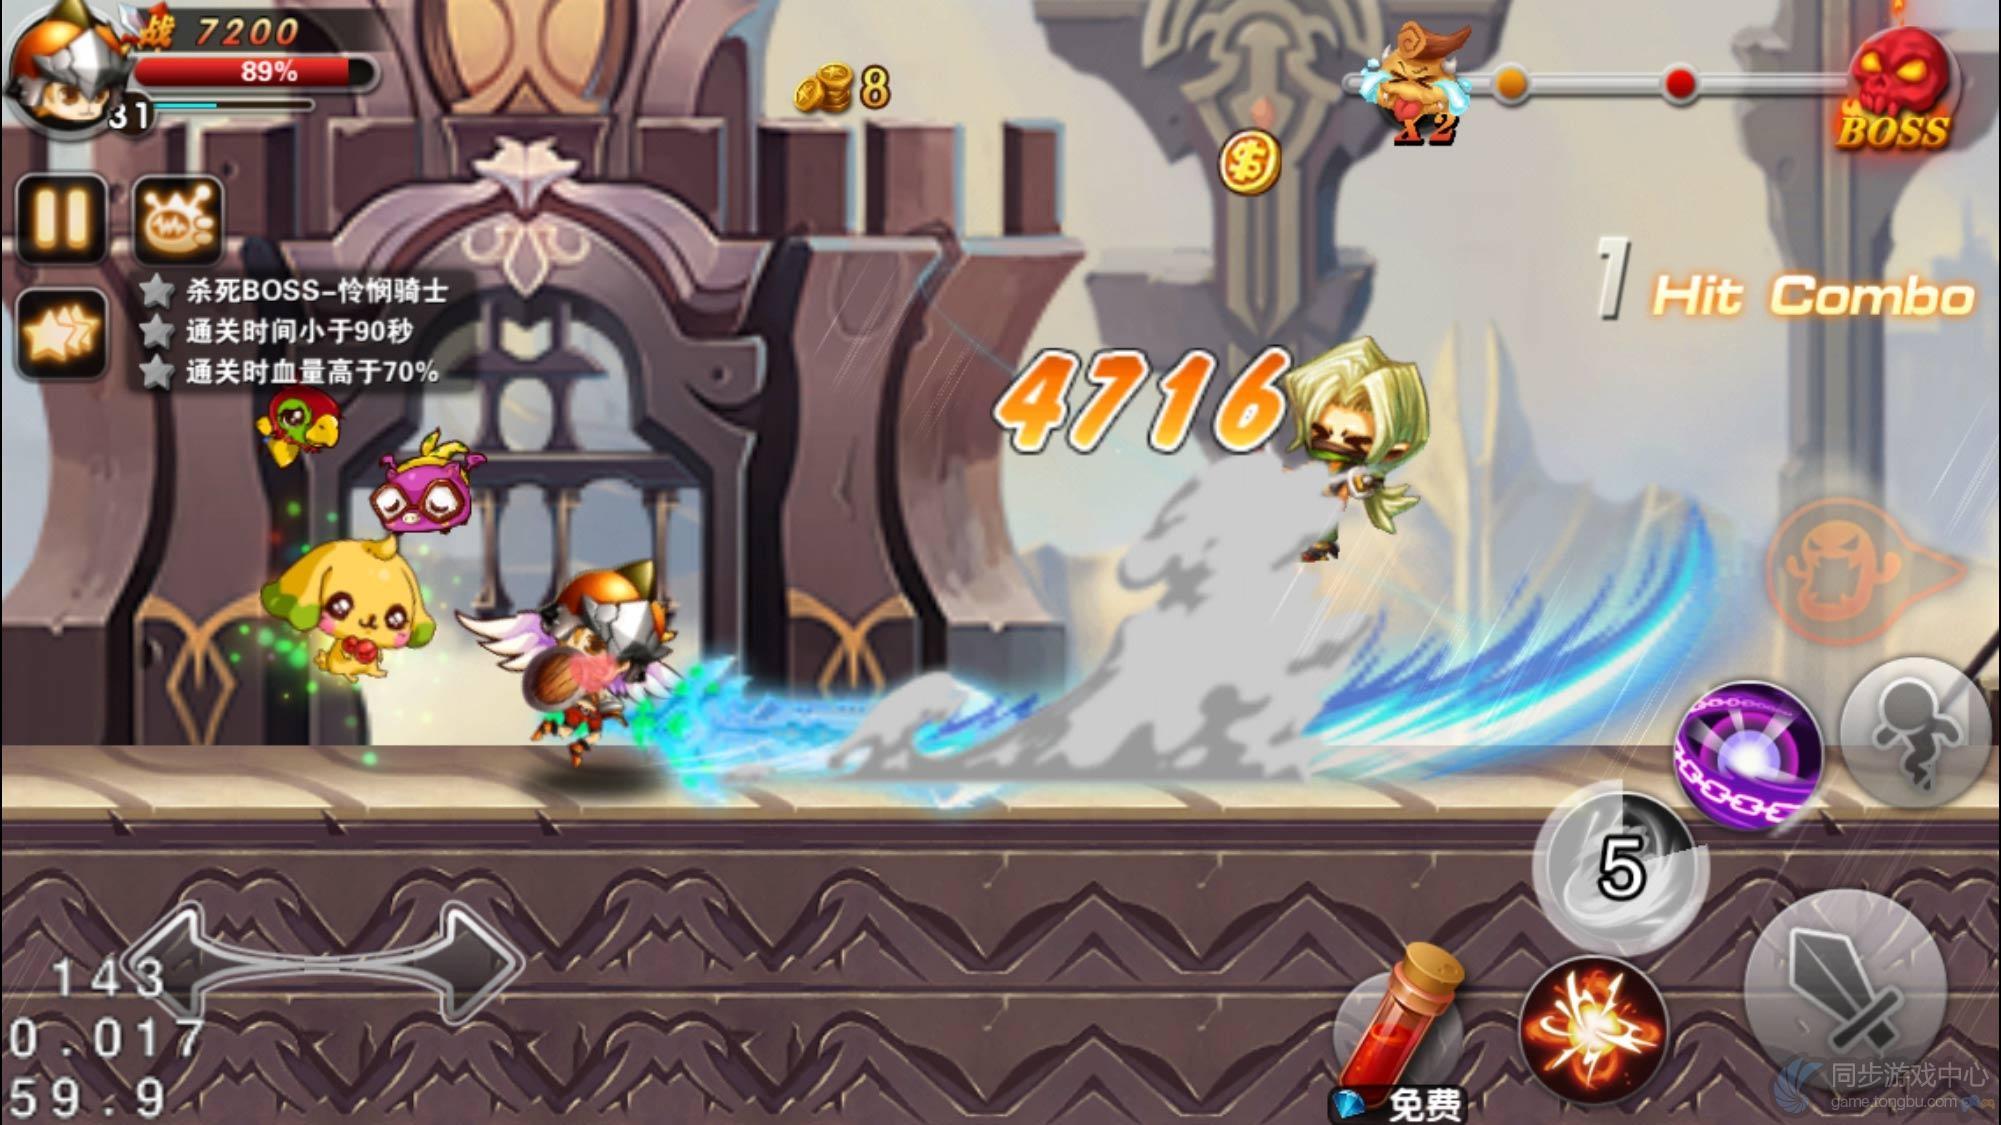 冒险之光神圣骑士战斗画面